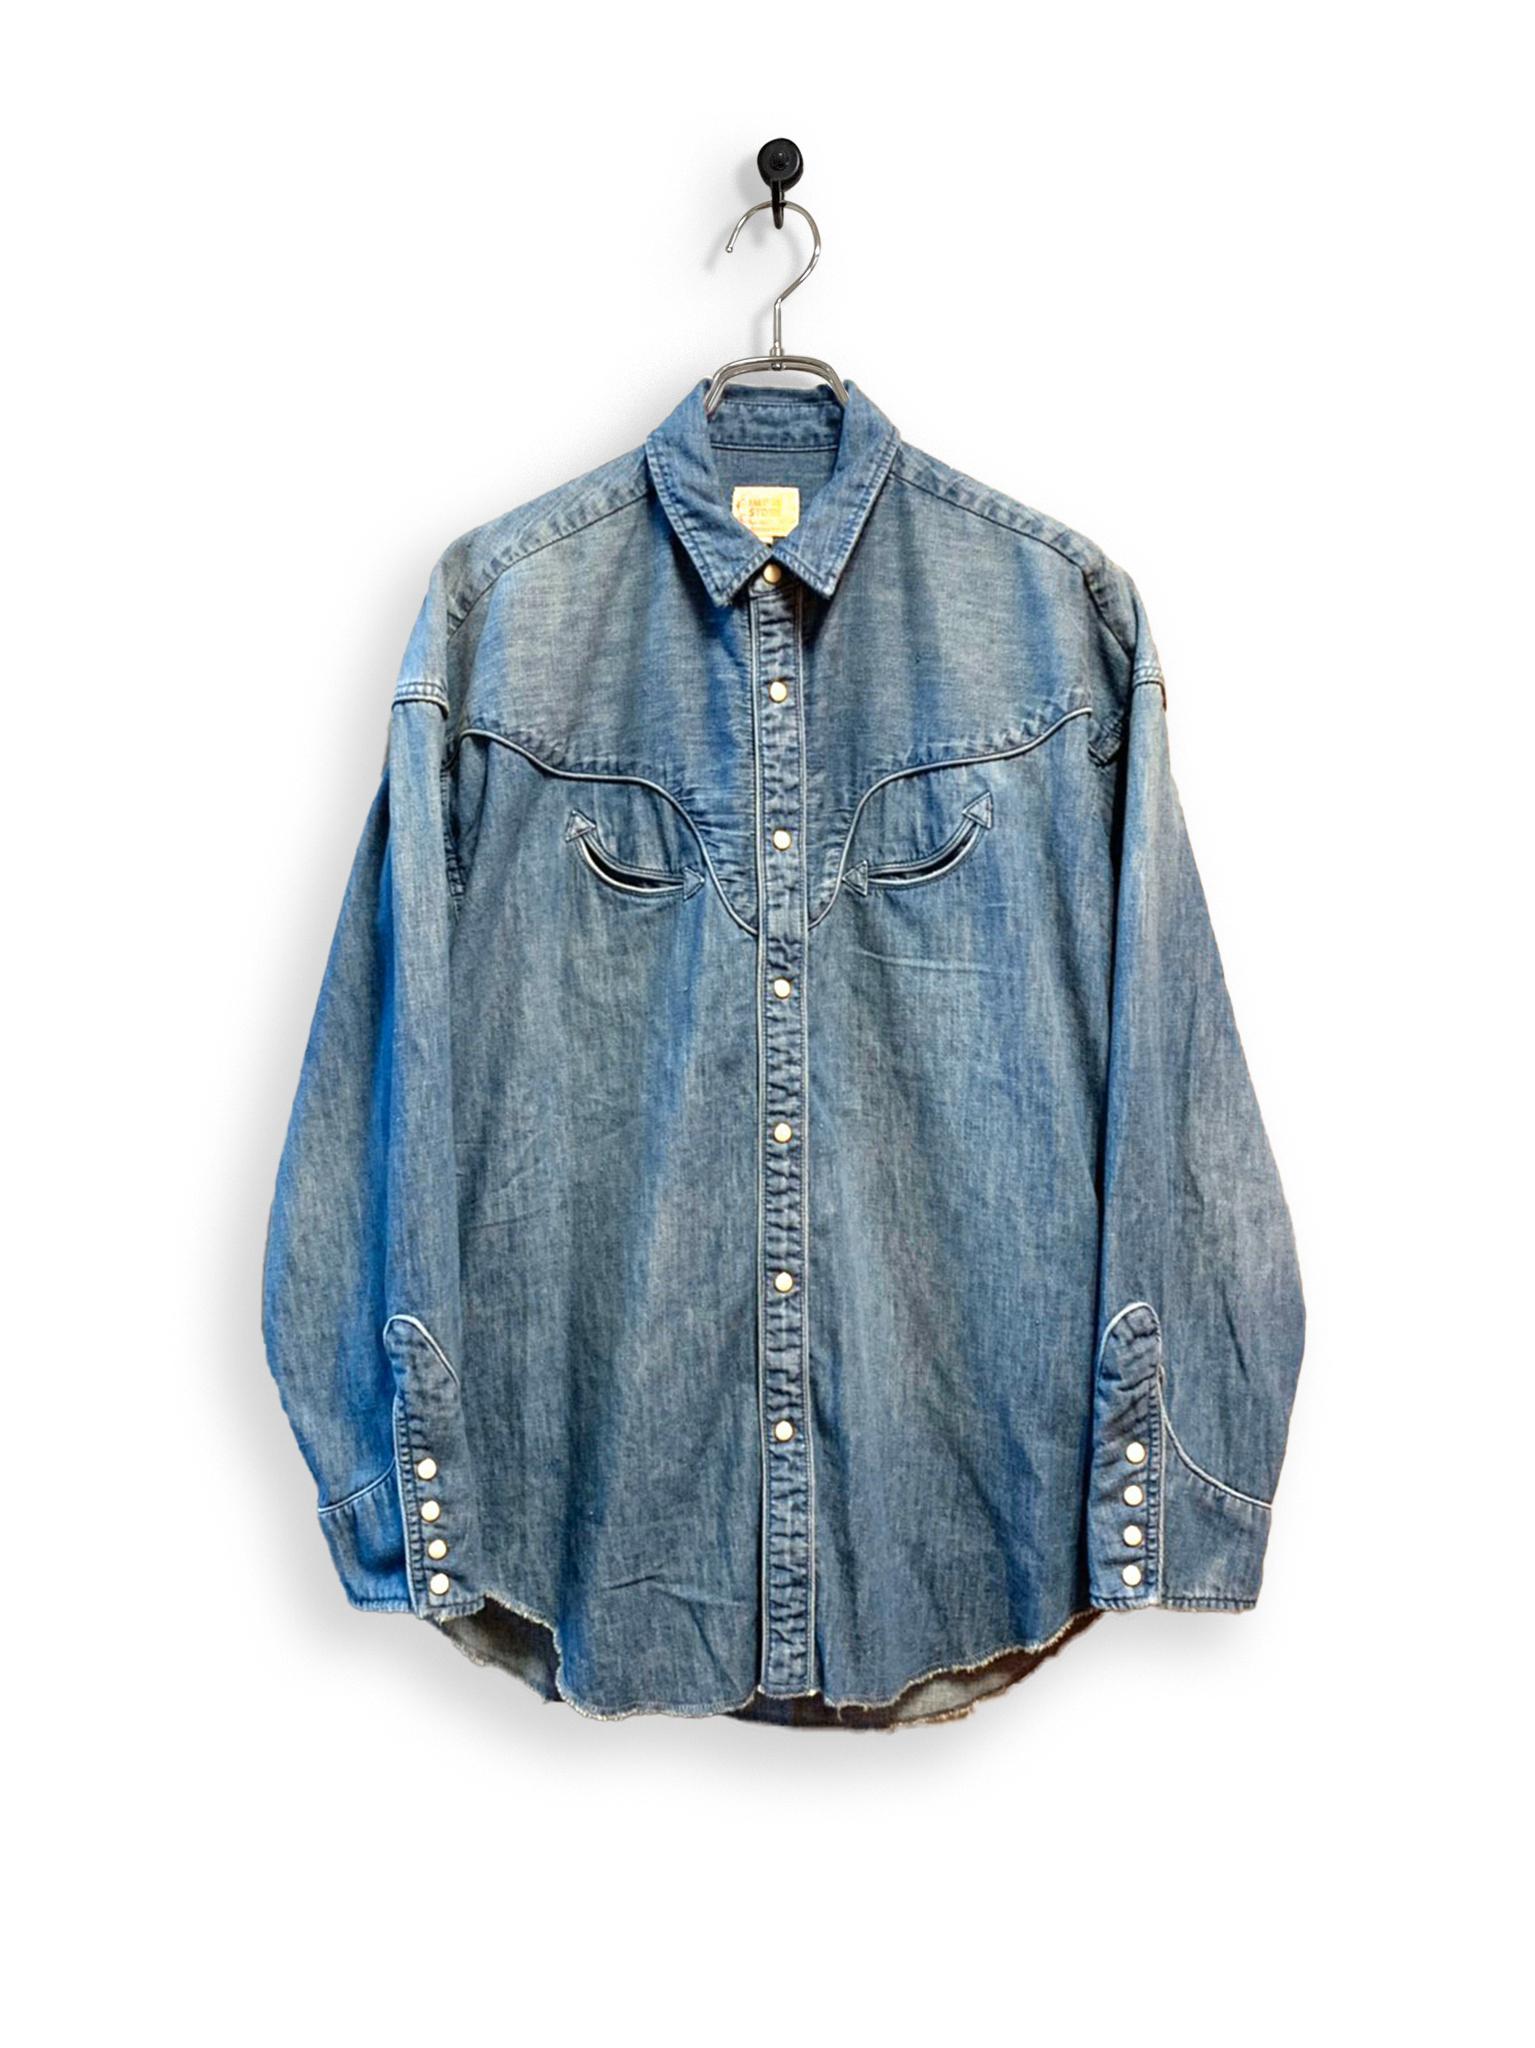 6.5oz Denim Western Shirt / special wash